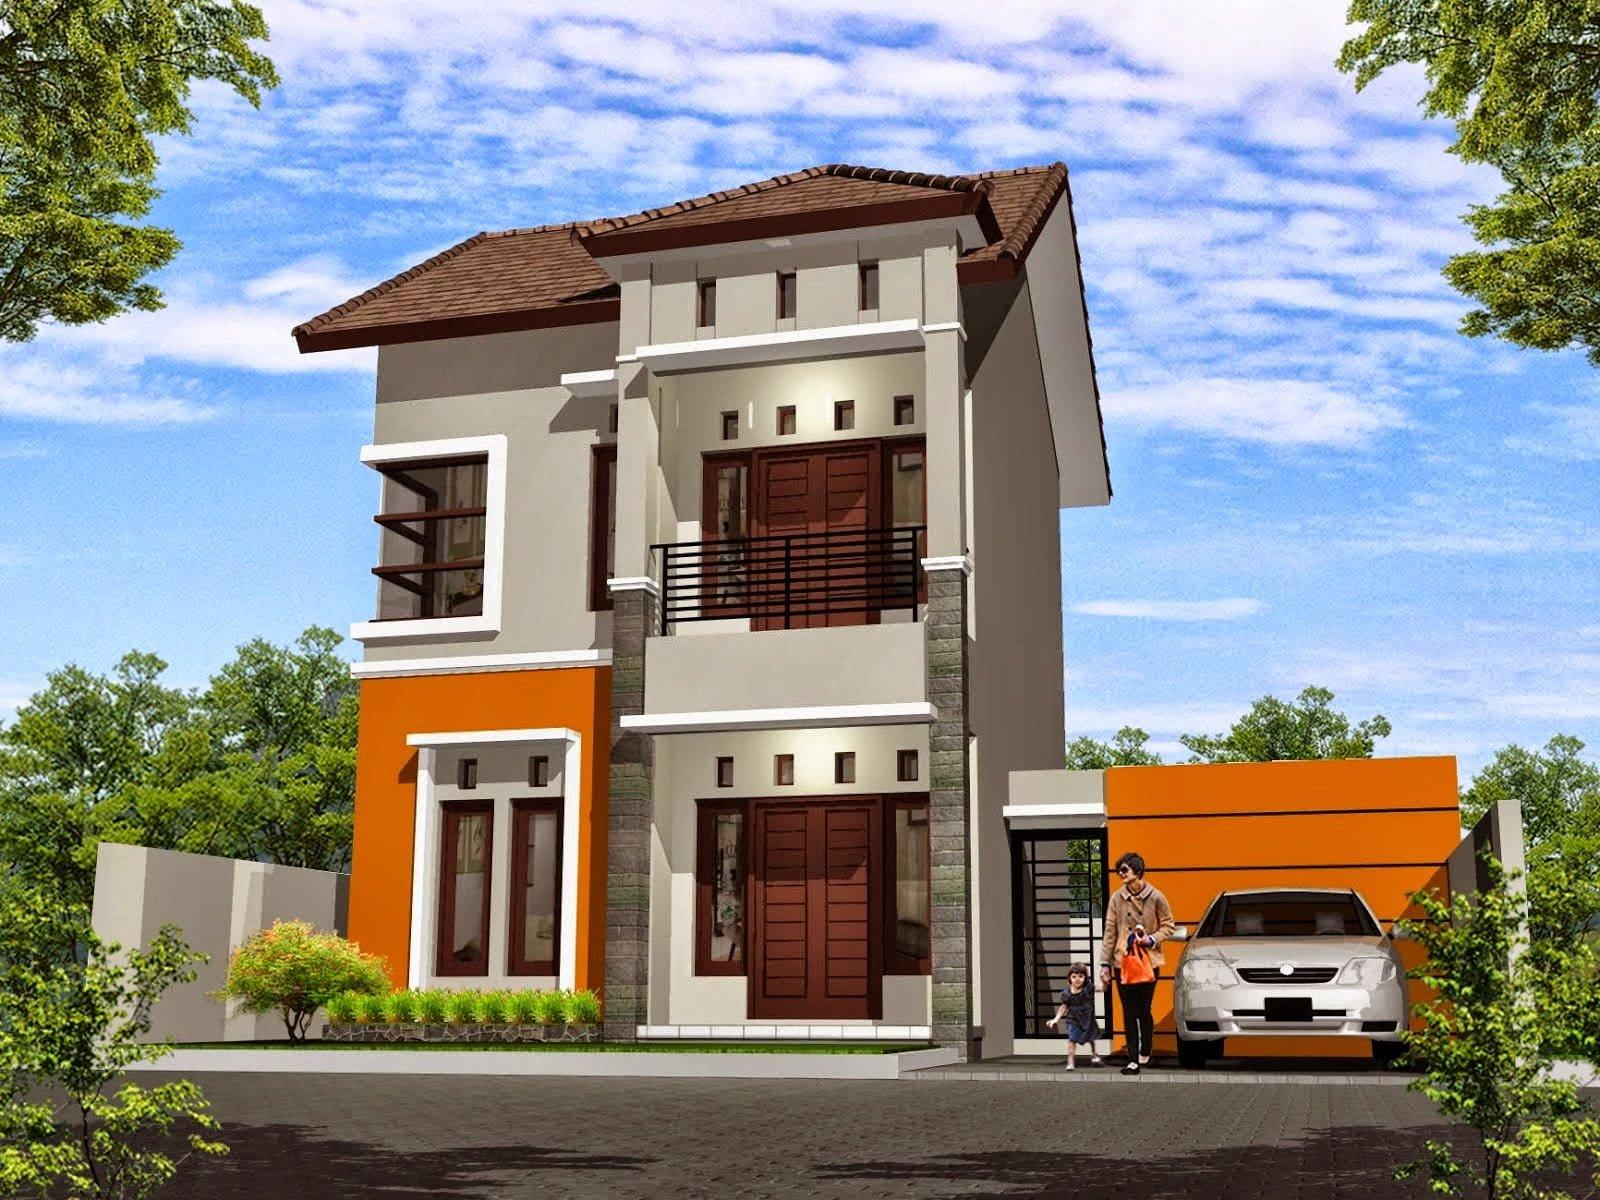 730 Desain Dapur Rumah Kpr Terbaik